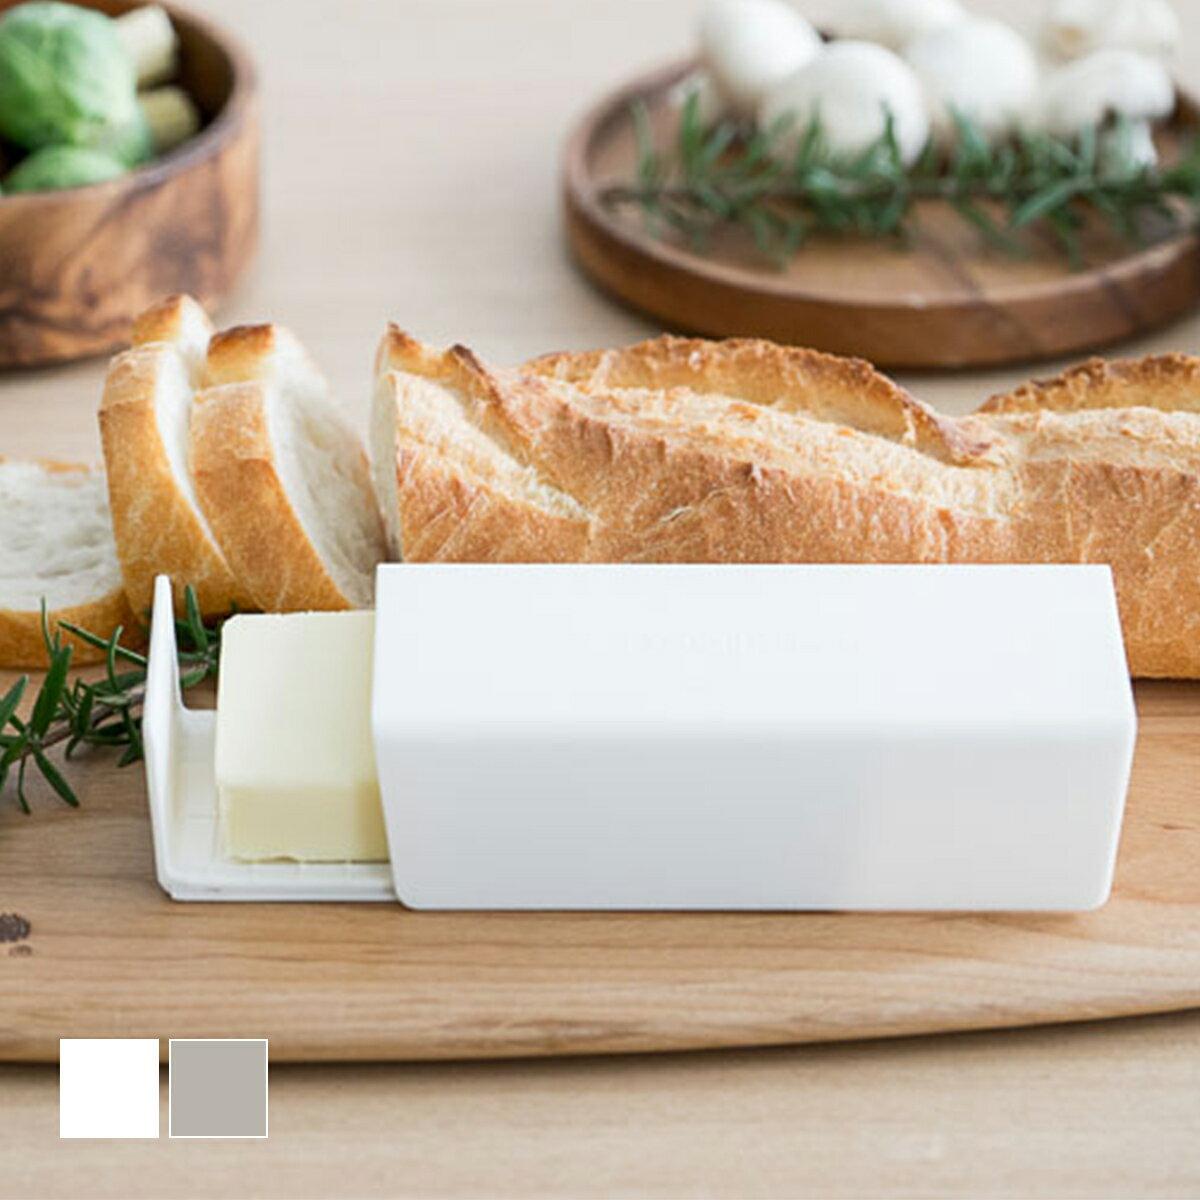 バターケース [b2c バターケース] バター ケース 容器 入れ キッチン#SL_KTの写真